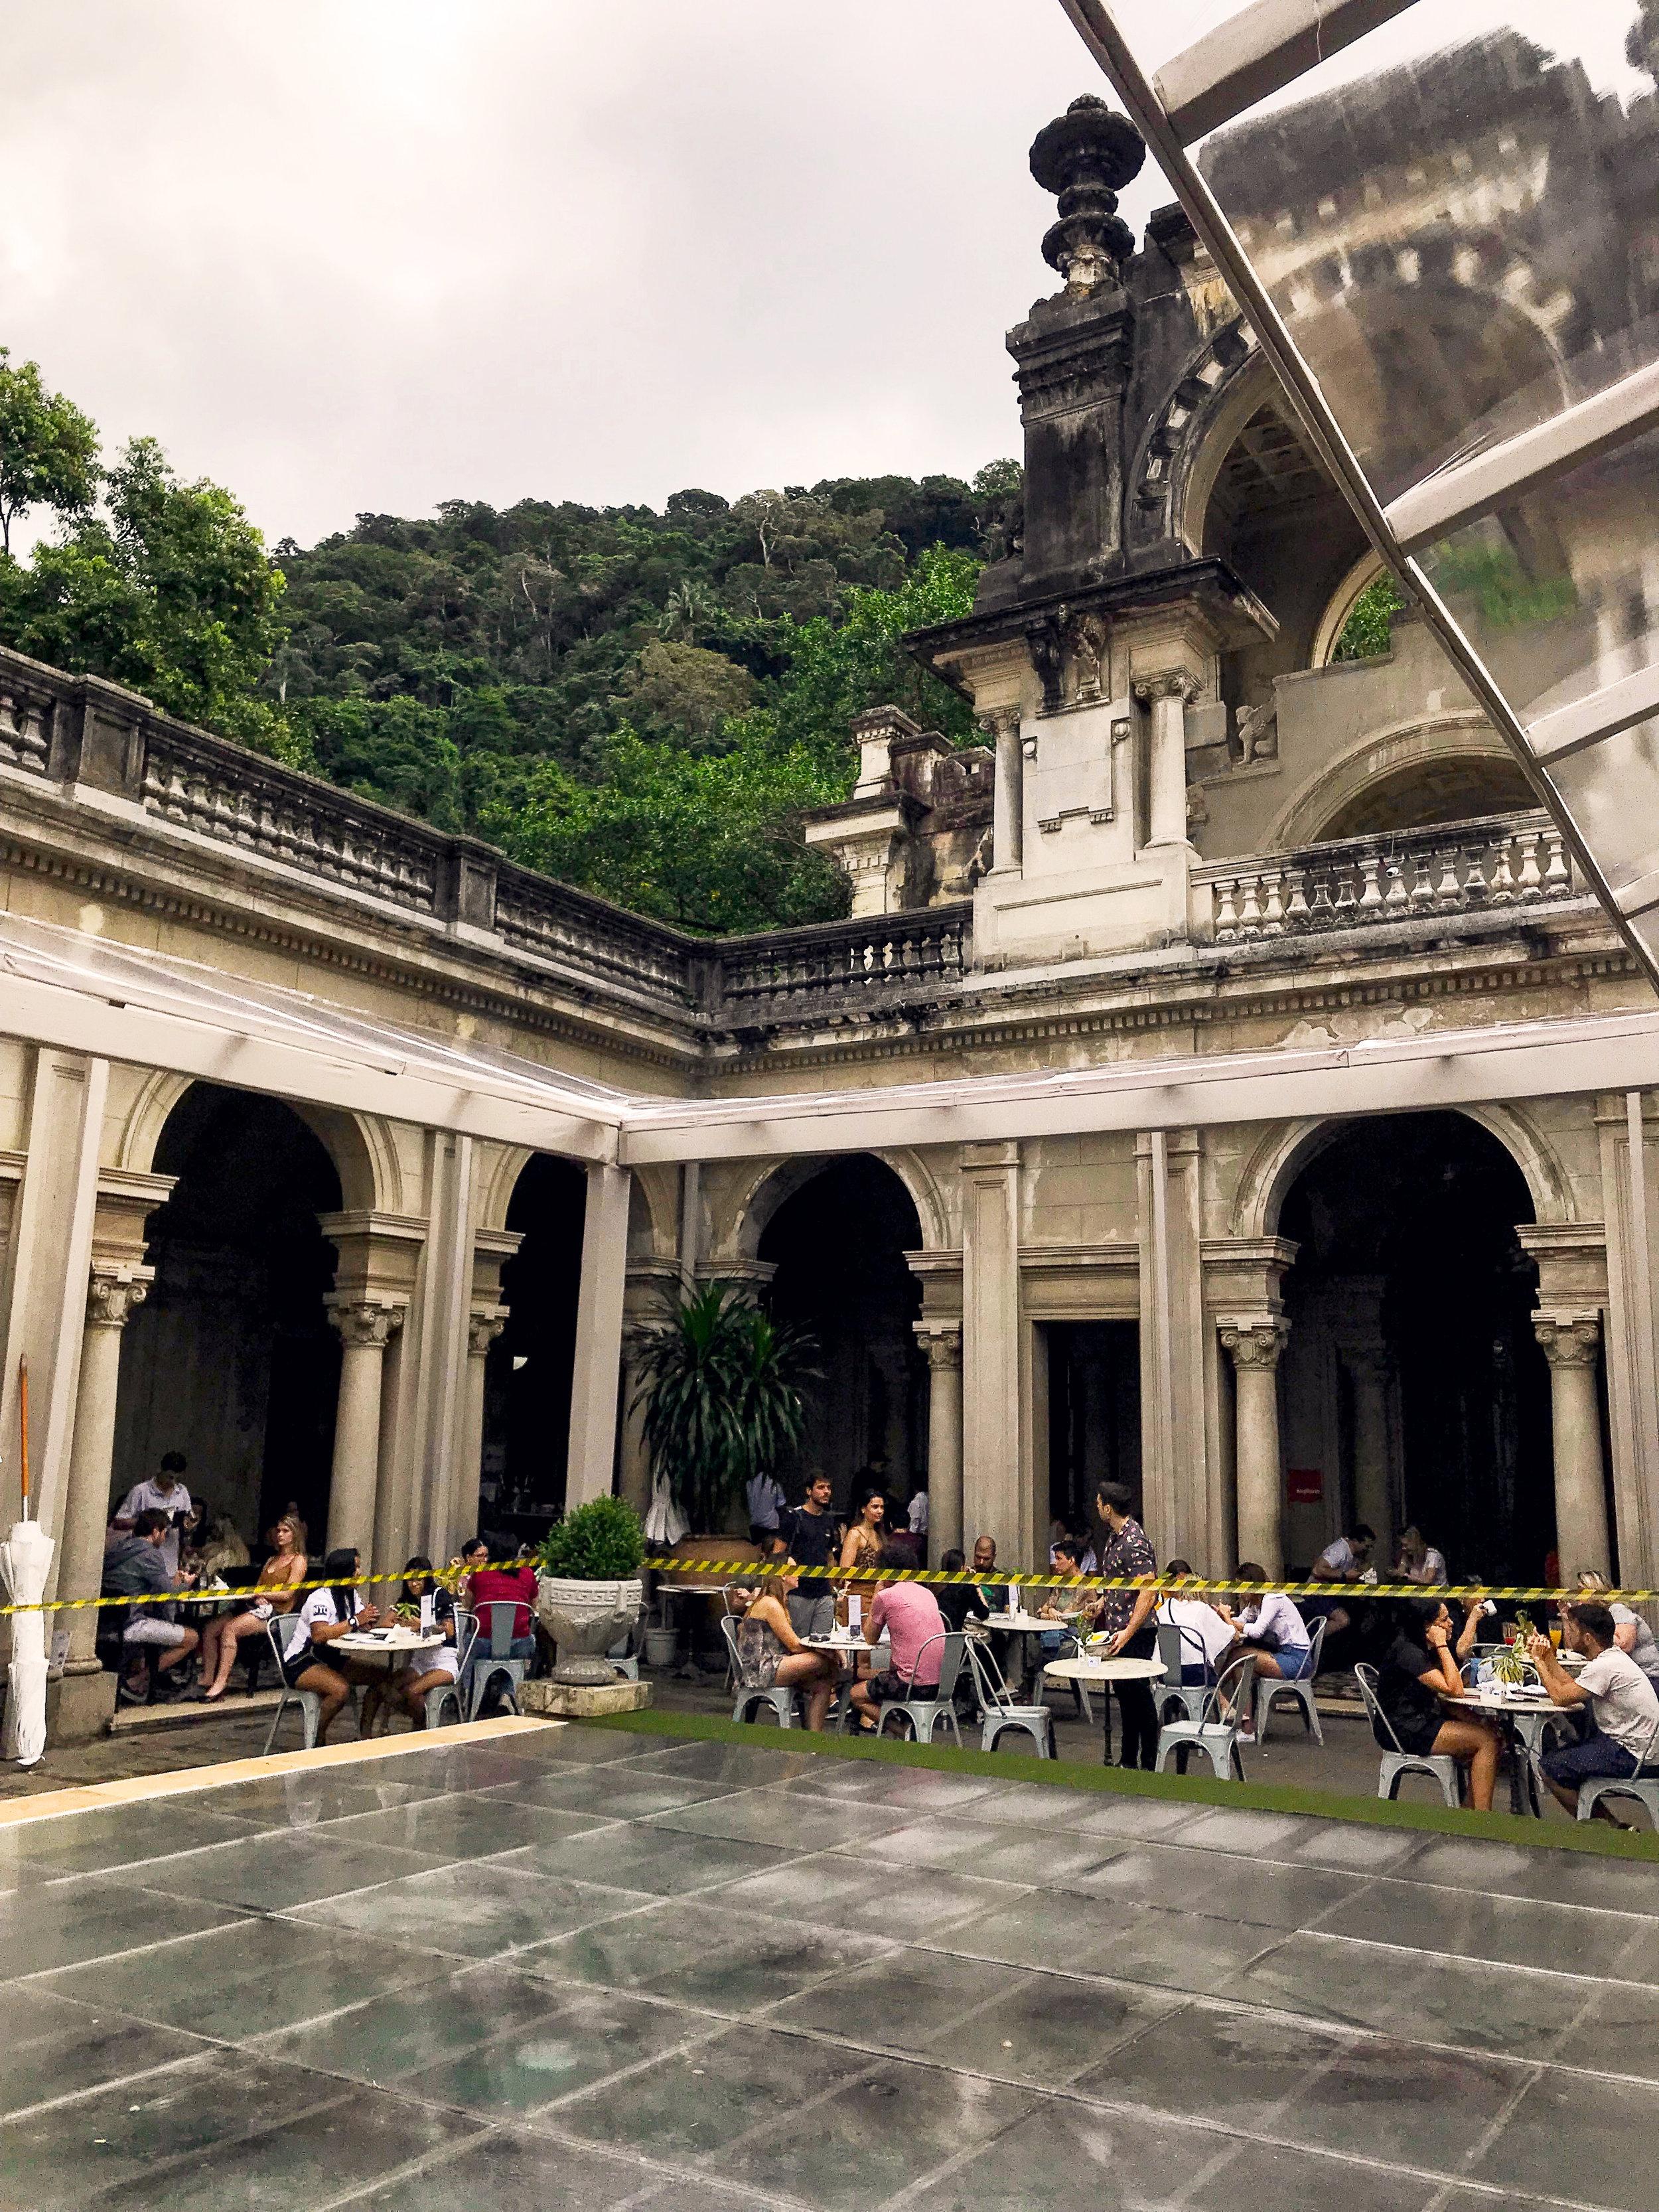 Вилла в парке. Очень красивое место, но очень плохой ресторан.